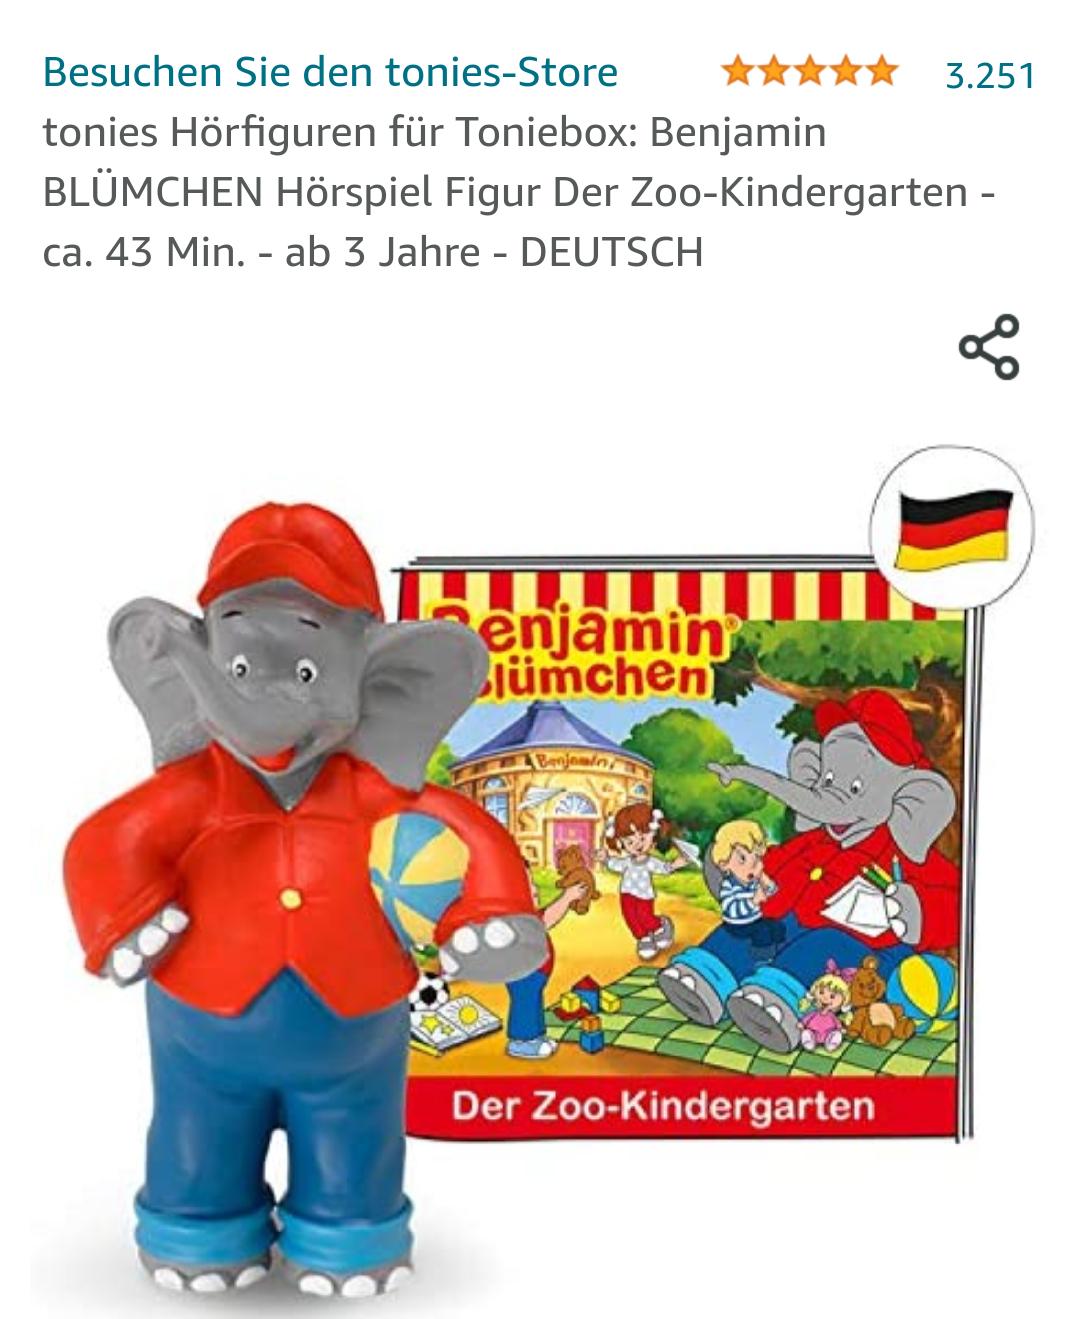 Amazon Prime tonies Hörfiguren für Toniebox: Benjamin BLÜMCHEN Hörspiel Figur Der Zoo-Kindergarten - ca. 43 Min. - ab 3 Jahre - DEUTSCH